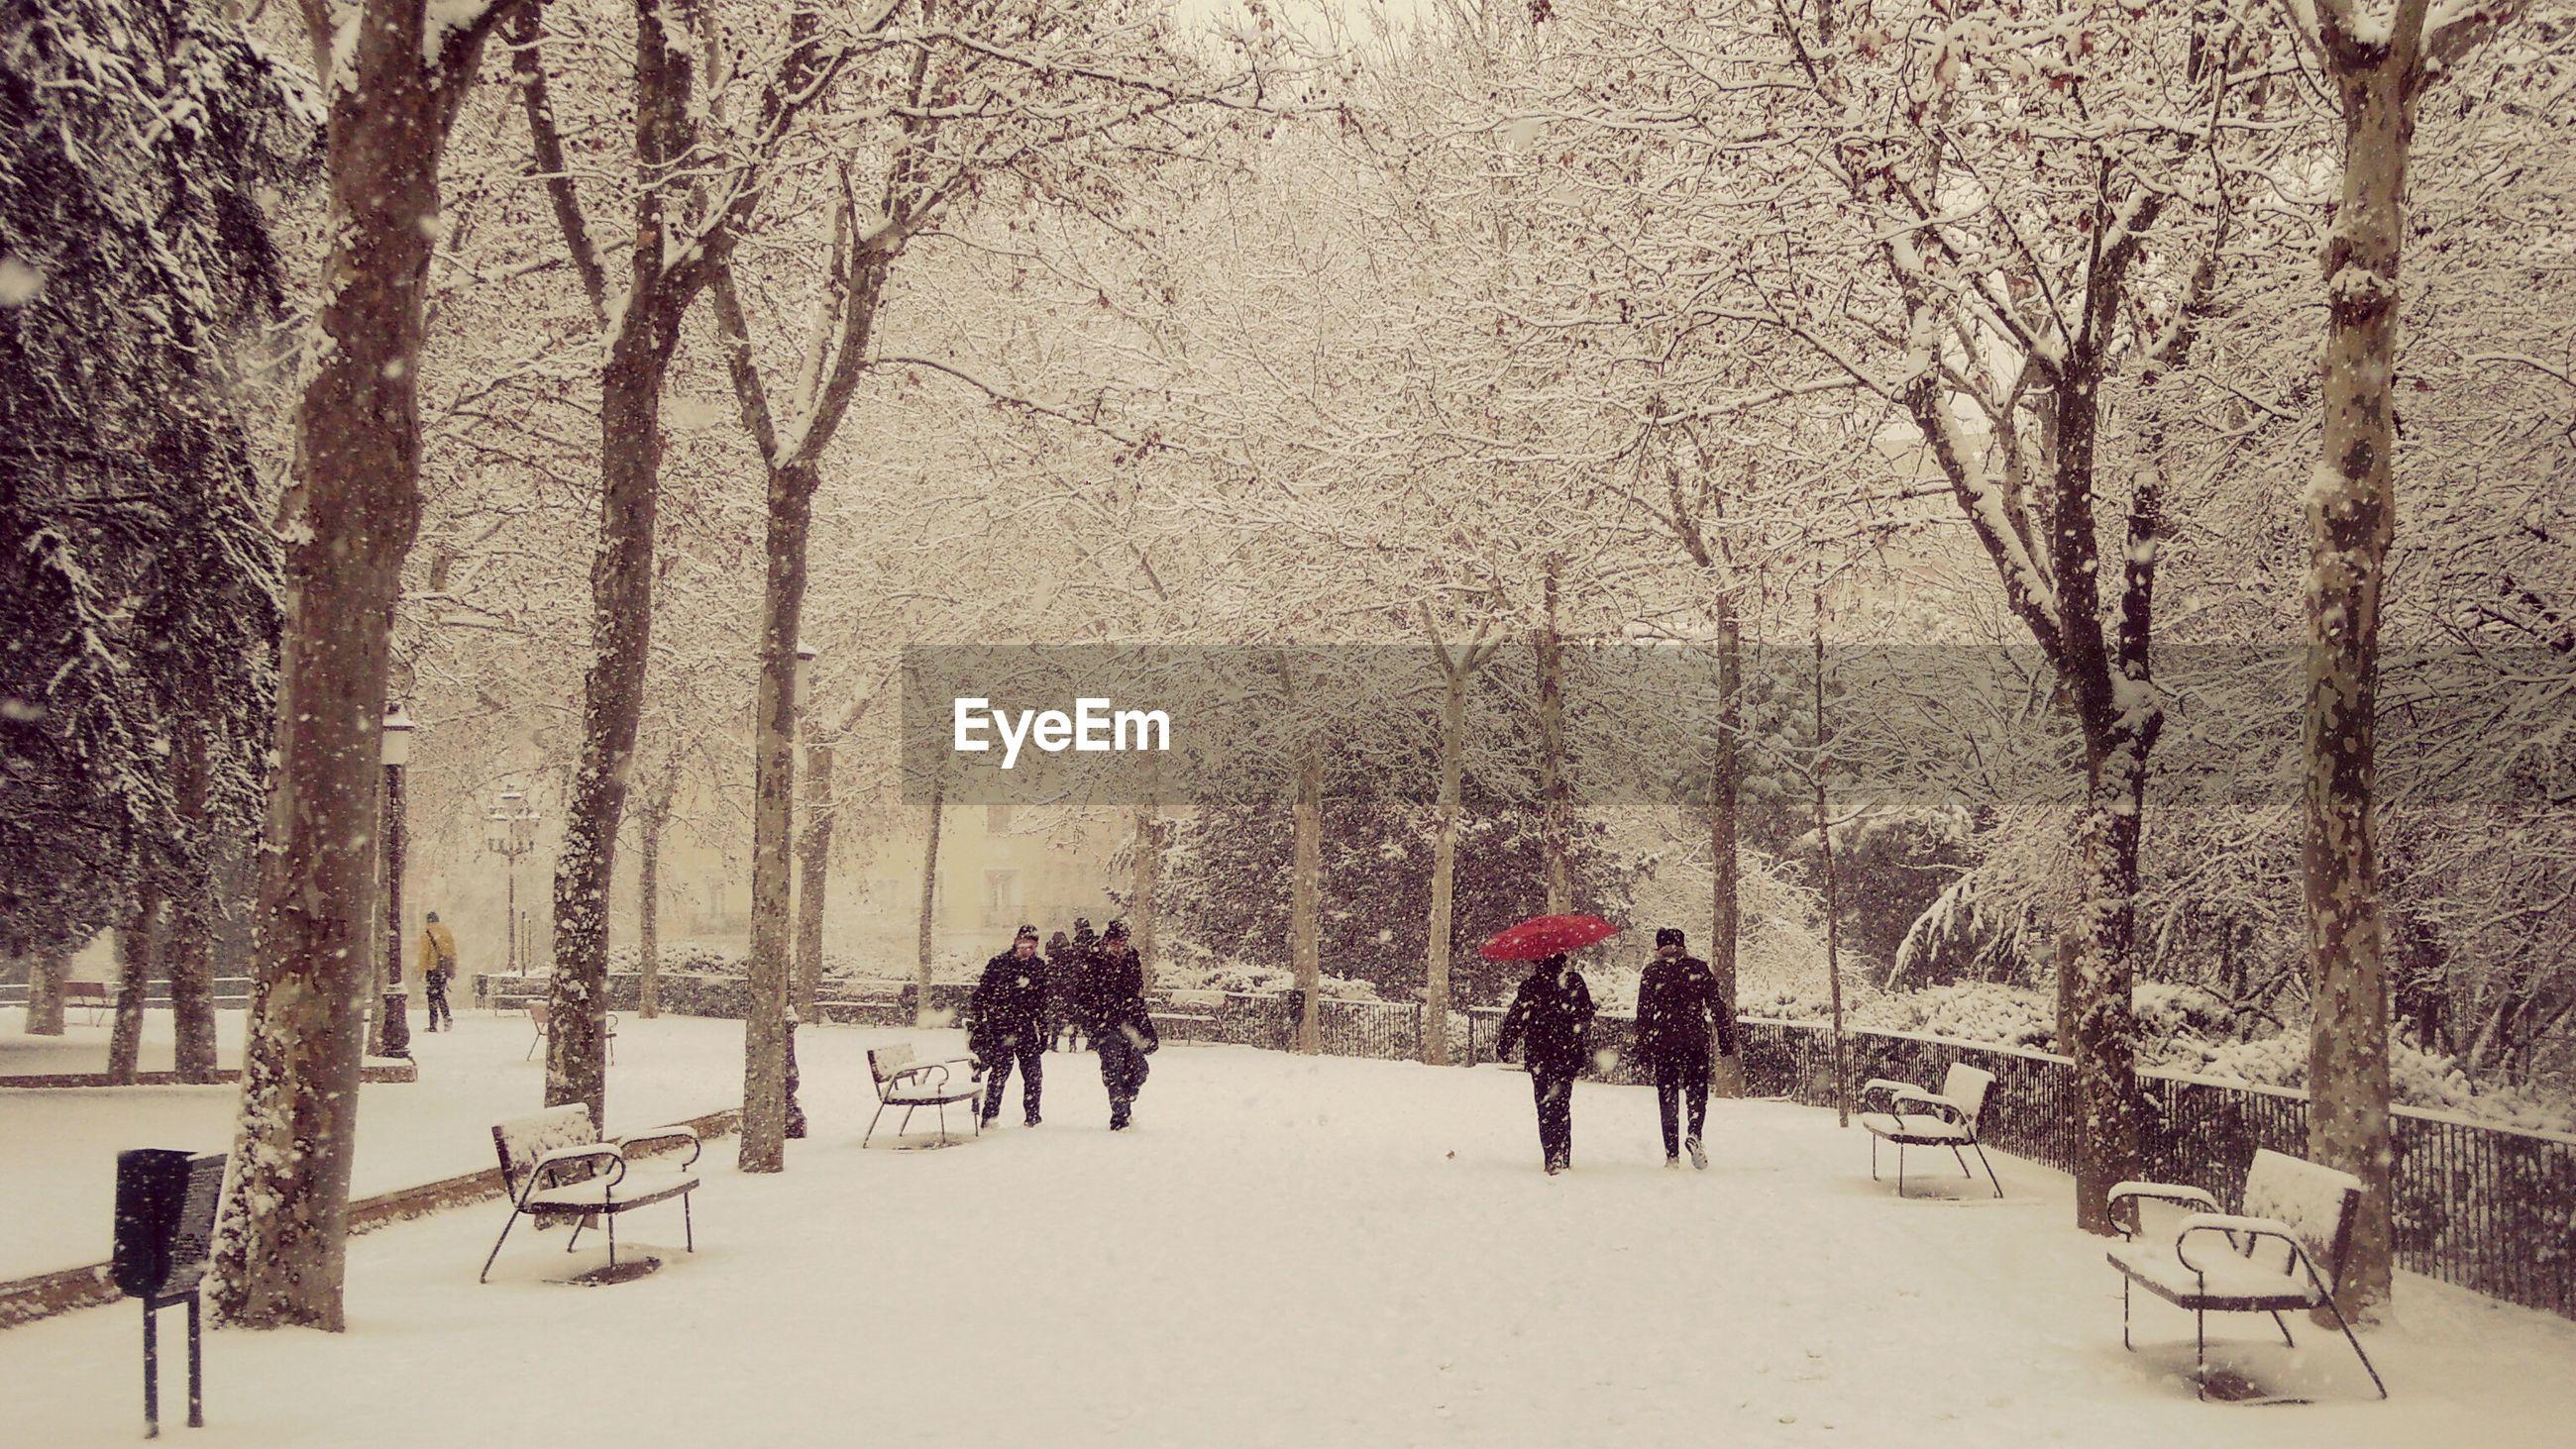 People walking in park during snowfall